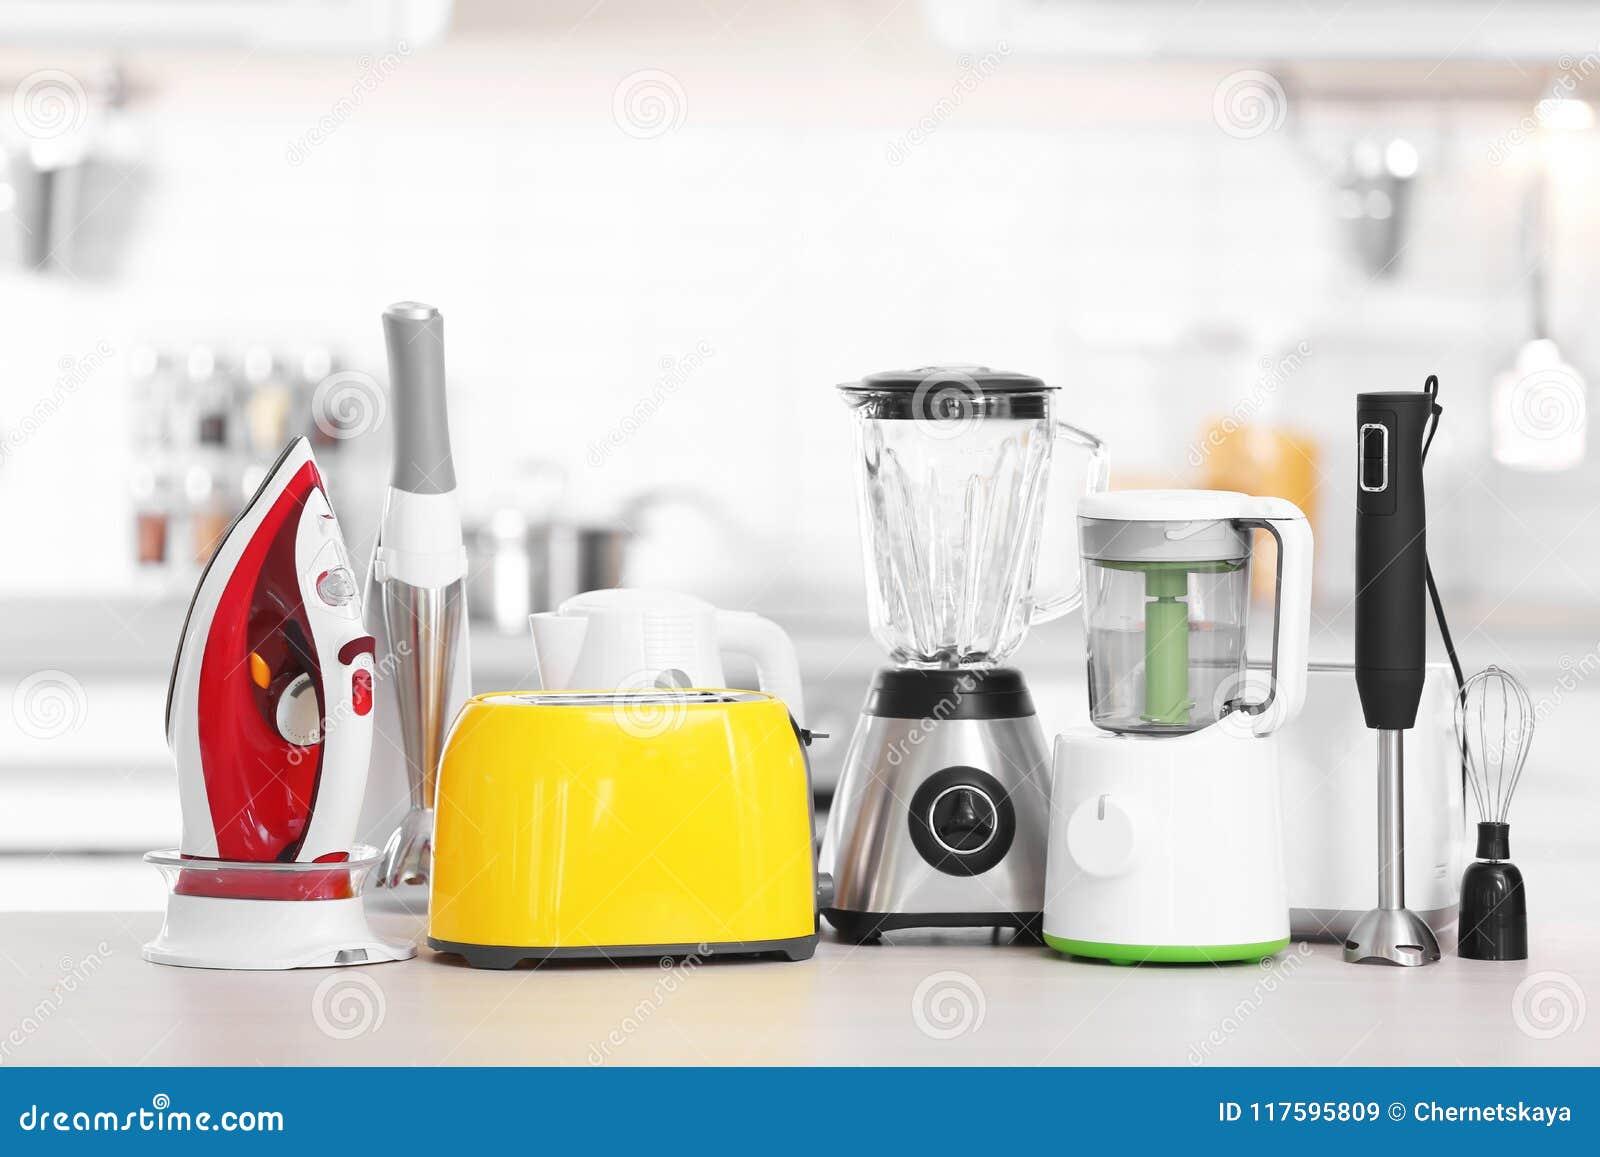 Hushåll- och kökanordningar på tabellen inomhus